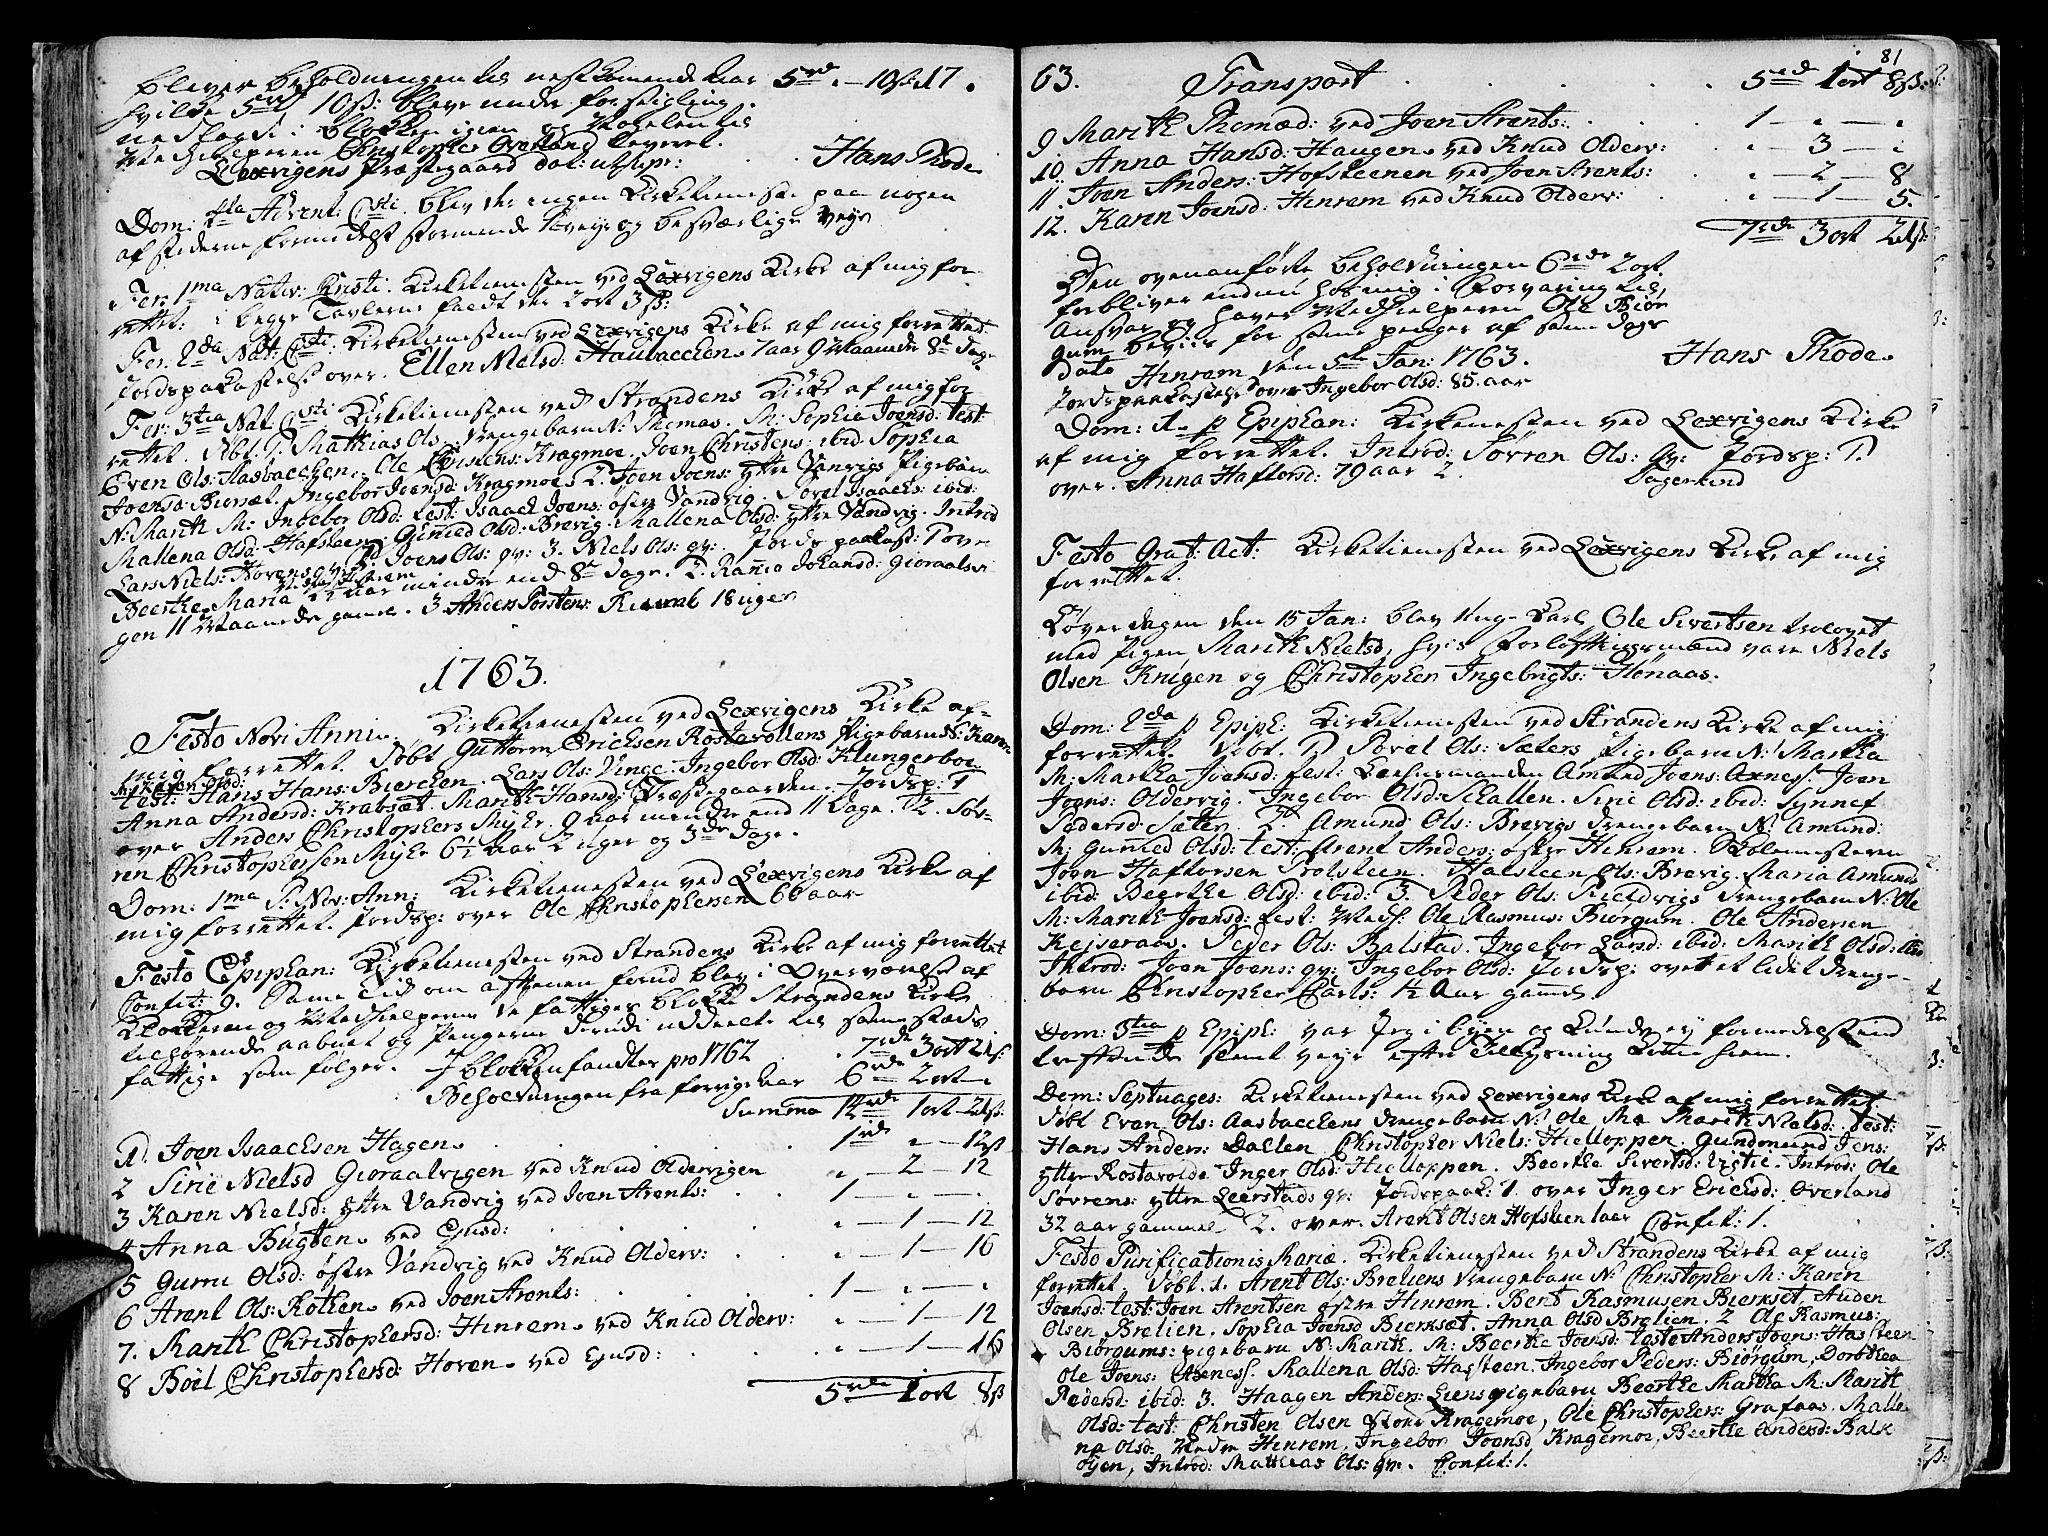 SAT, Ministerialprotokoller, klokkerbøker og fødselsregistre - Nord-Trøndelag, 701/L0003: Ministerialbok nr. 701A03, 1751-1783, s. 81